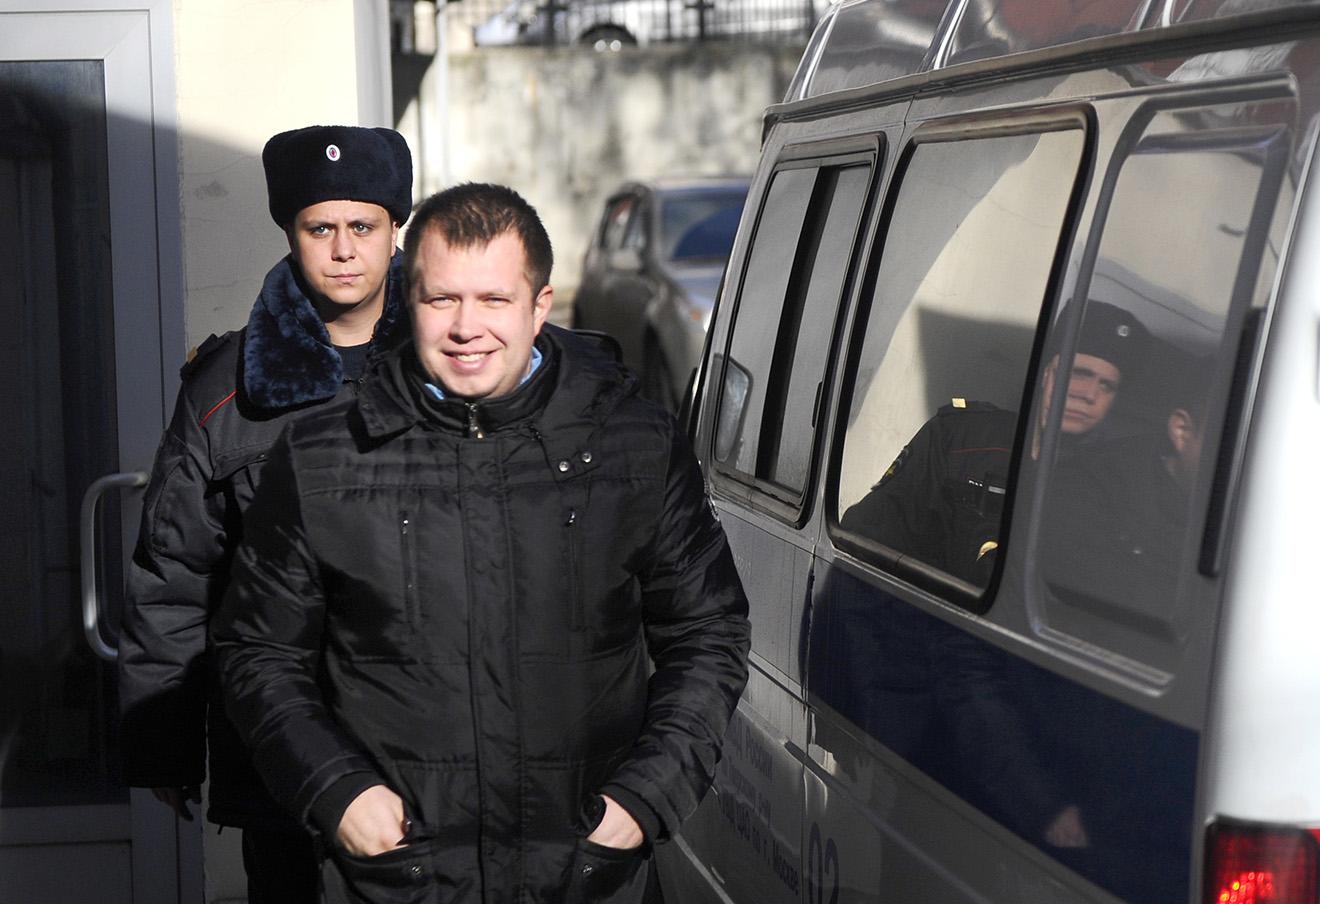 Николай Ляскин. Фото: Сергей Бобылев / ТАСС / Архив